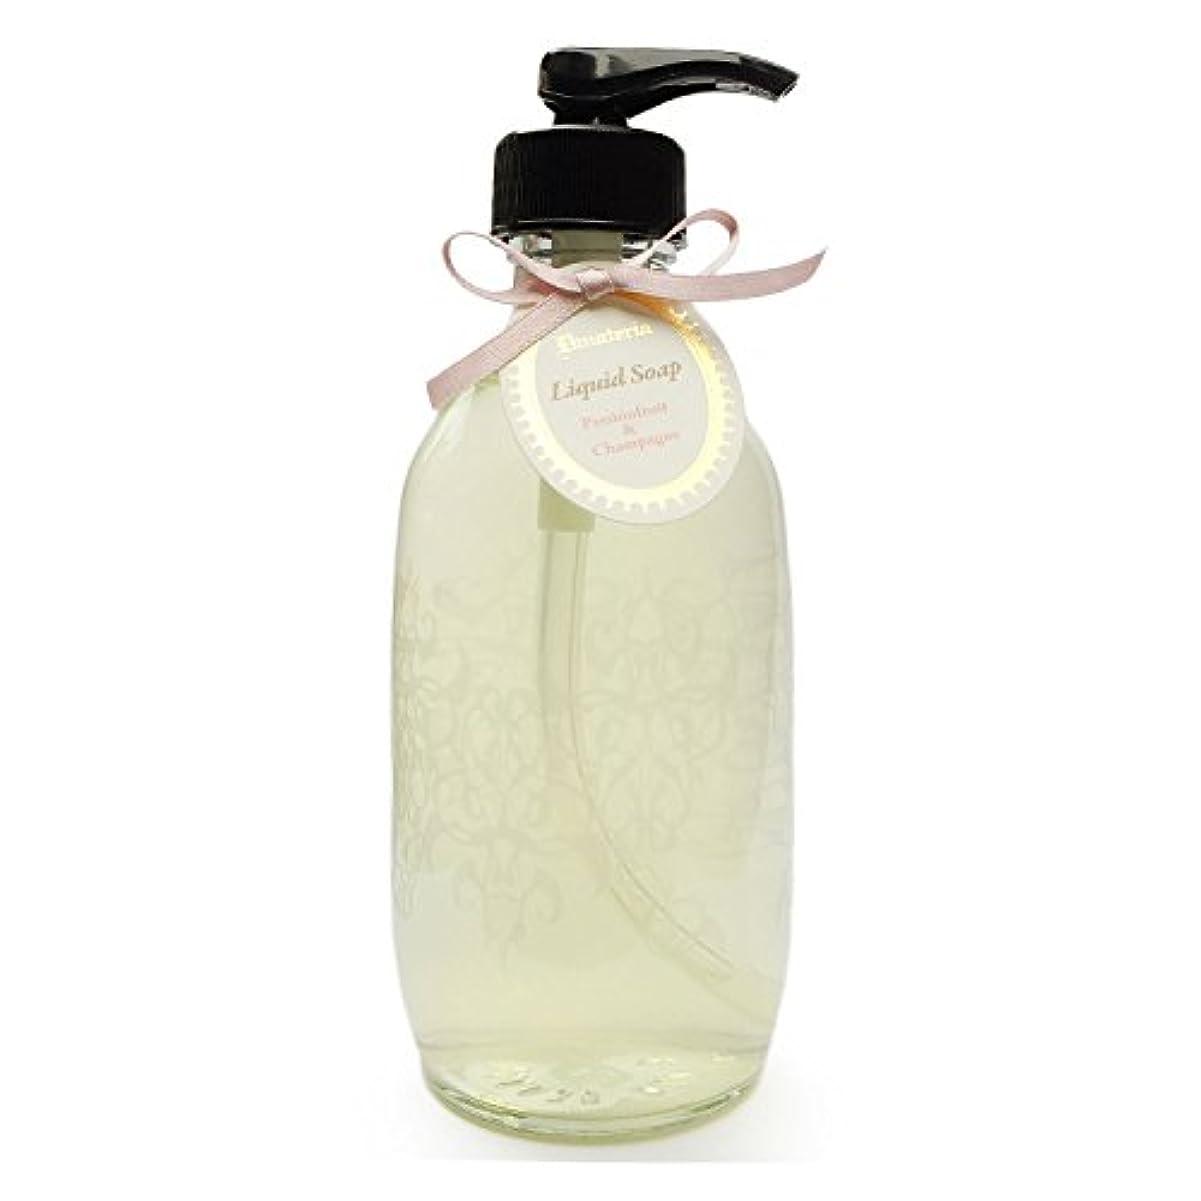 義務絶望的な落胆したD materia リキッドソープ パッションフルーツ&シャンパン Passionfruit&Champagne Liquid Soap ディーマテリア